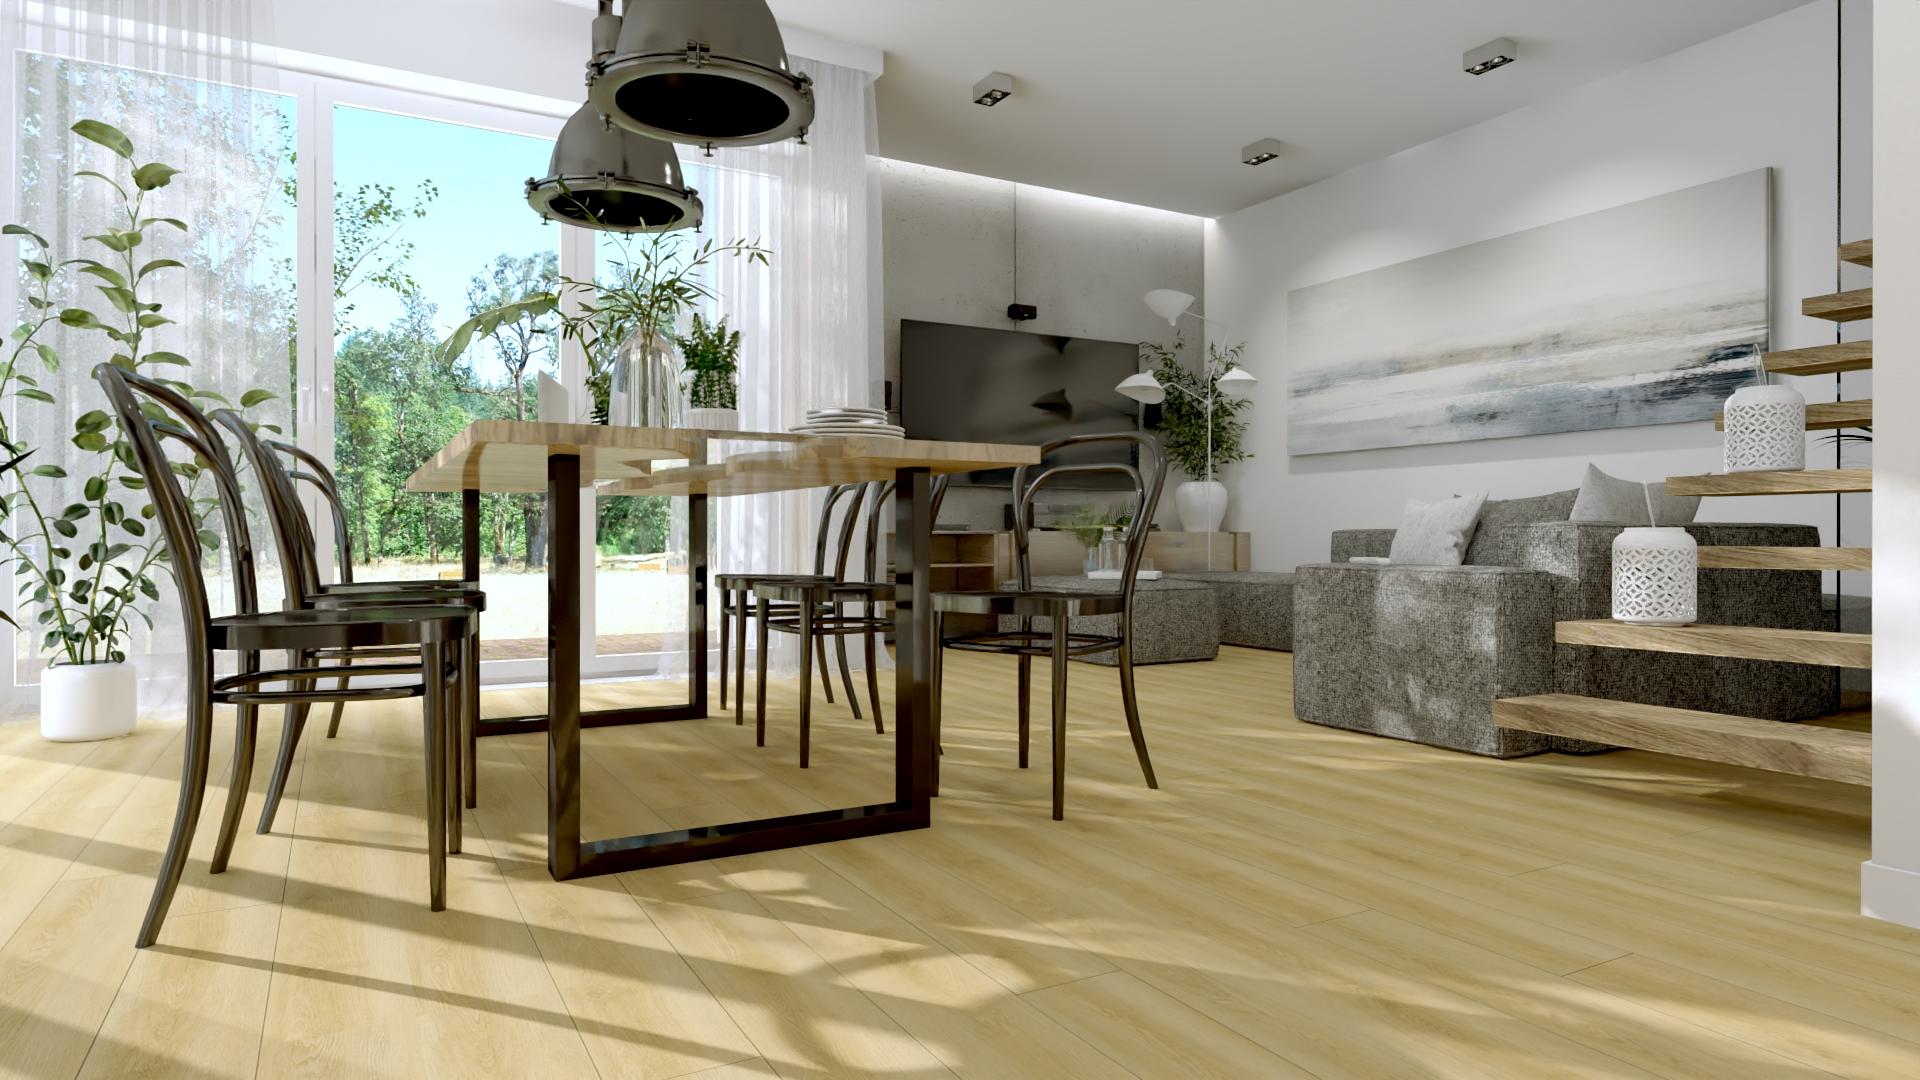 panele winylowe madera hd2